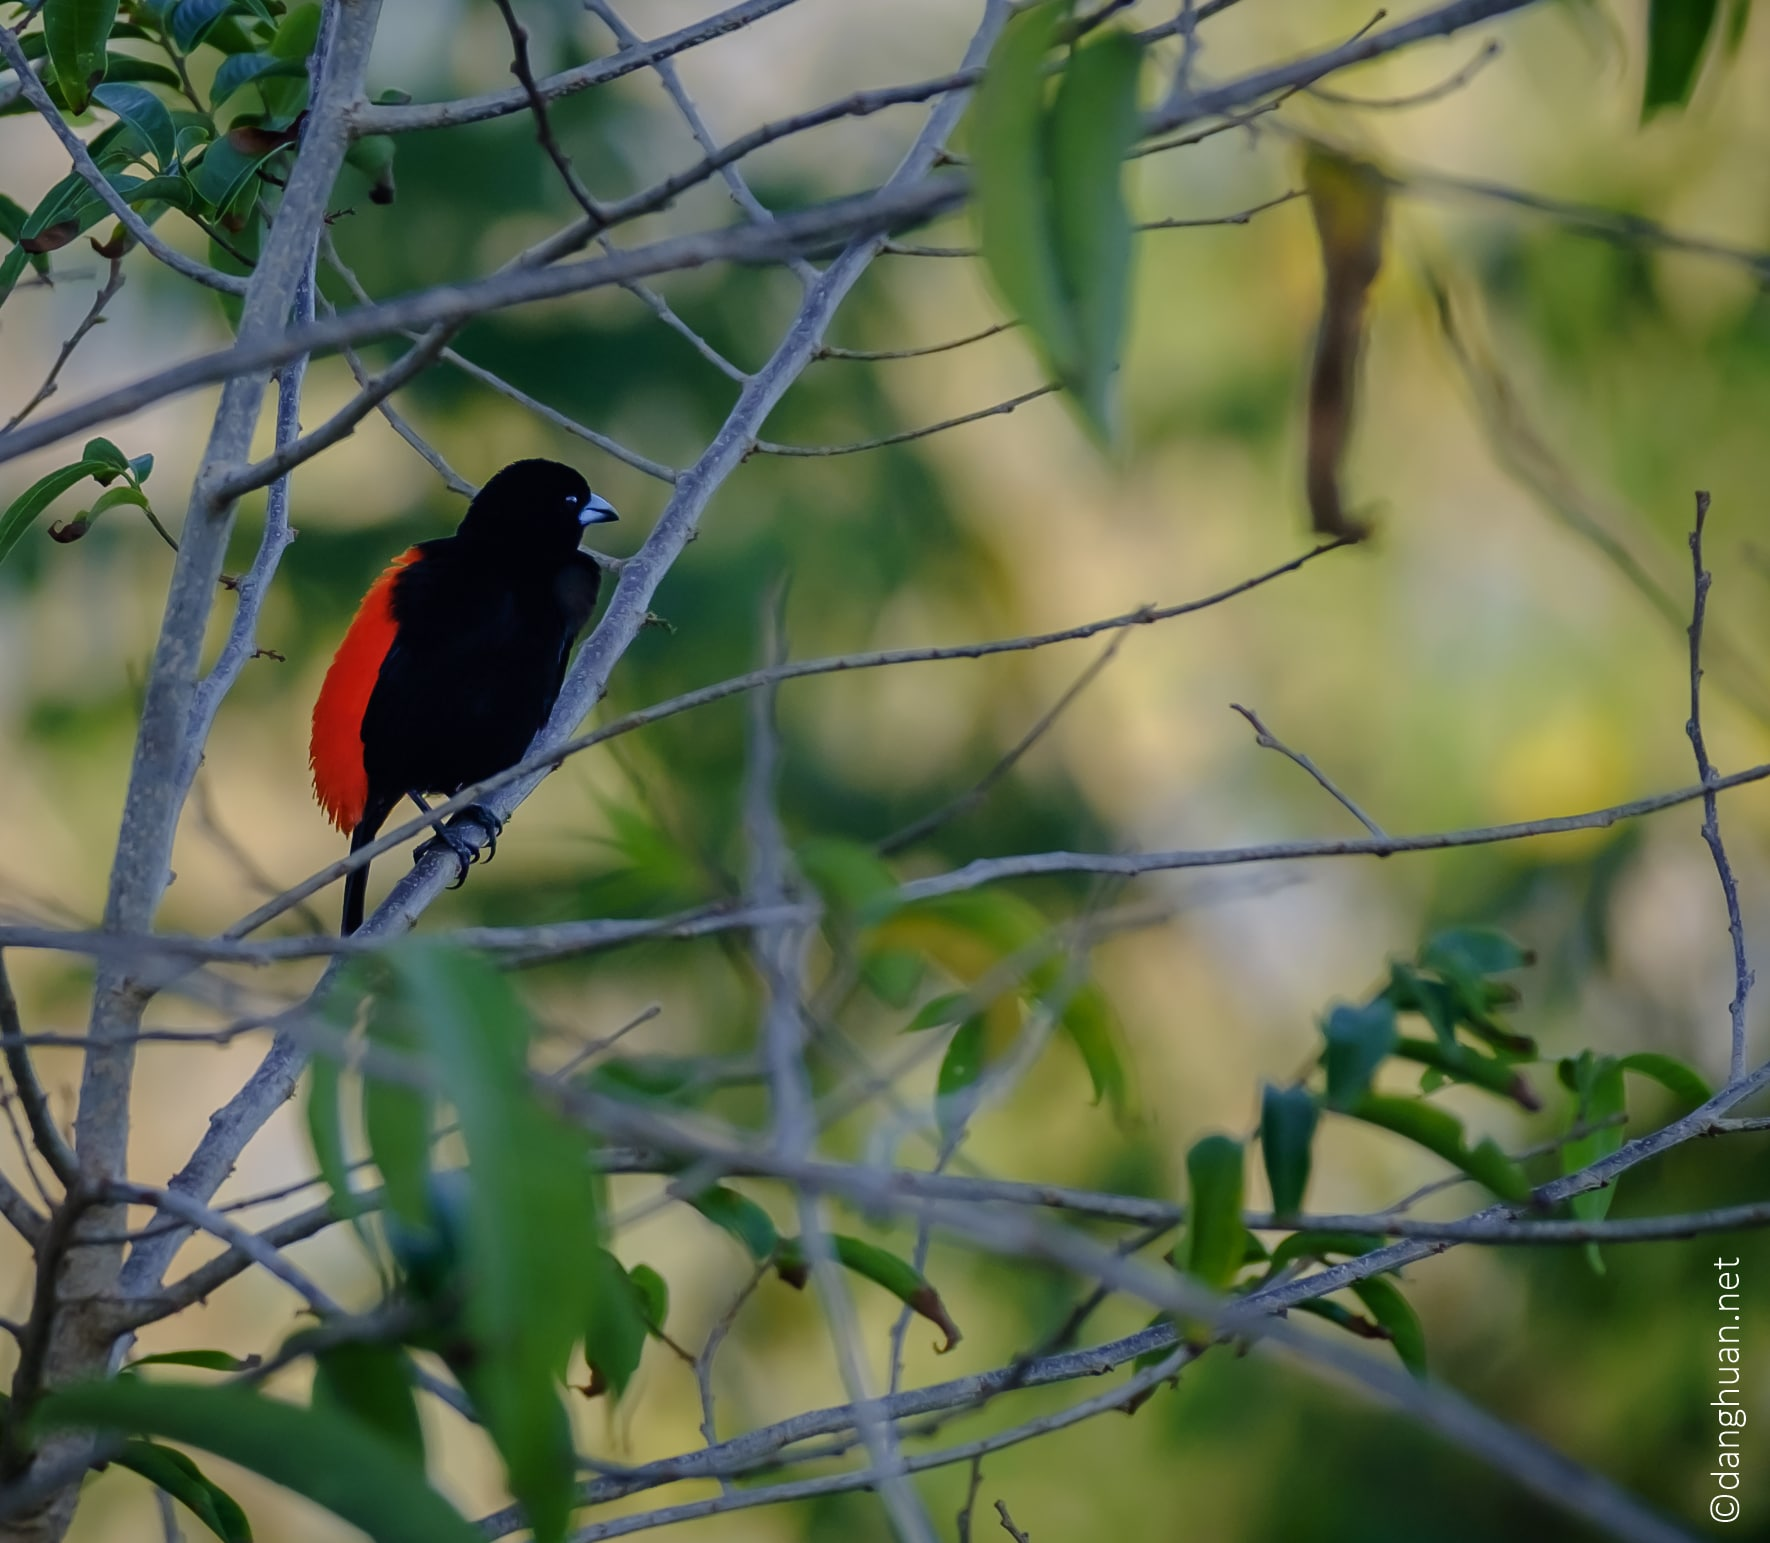 Tangara ou cherrie's tanager, une espèce de passereau appartenant à la famille des Thraupidae